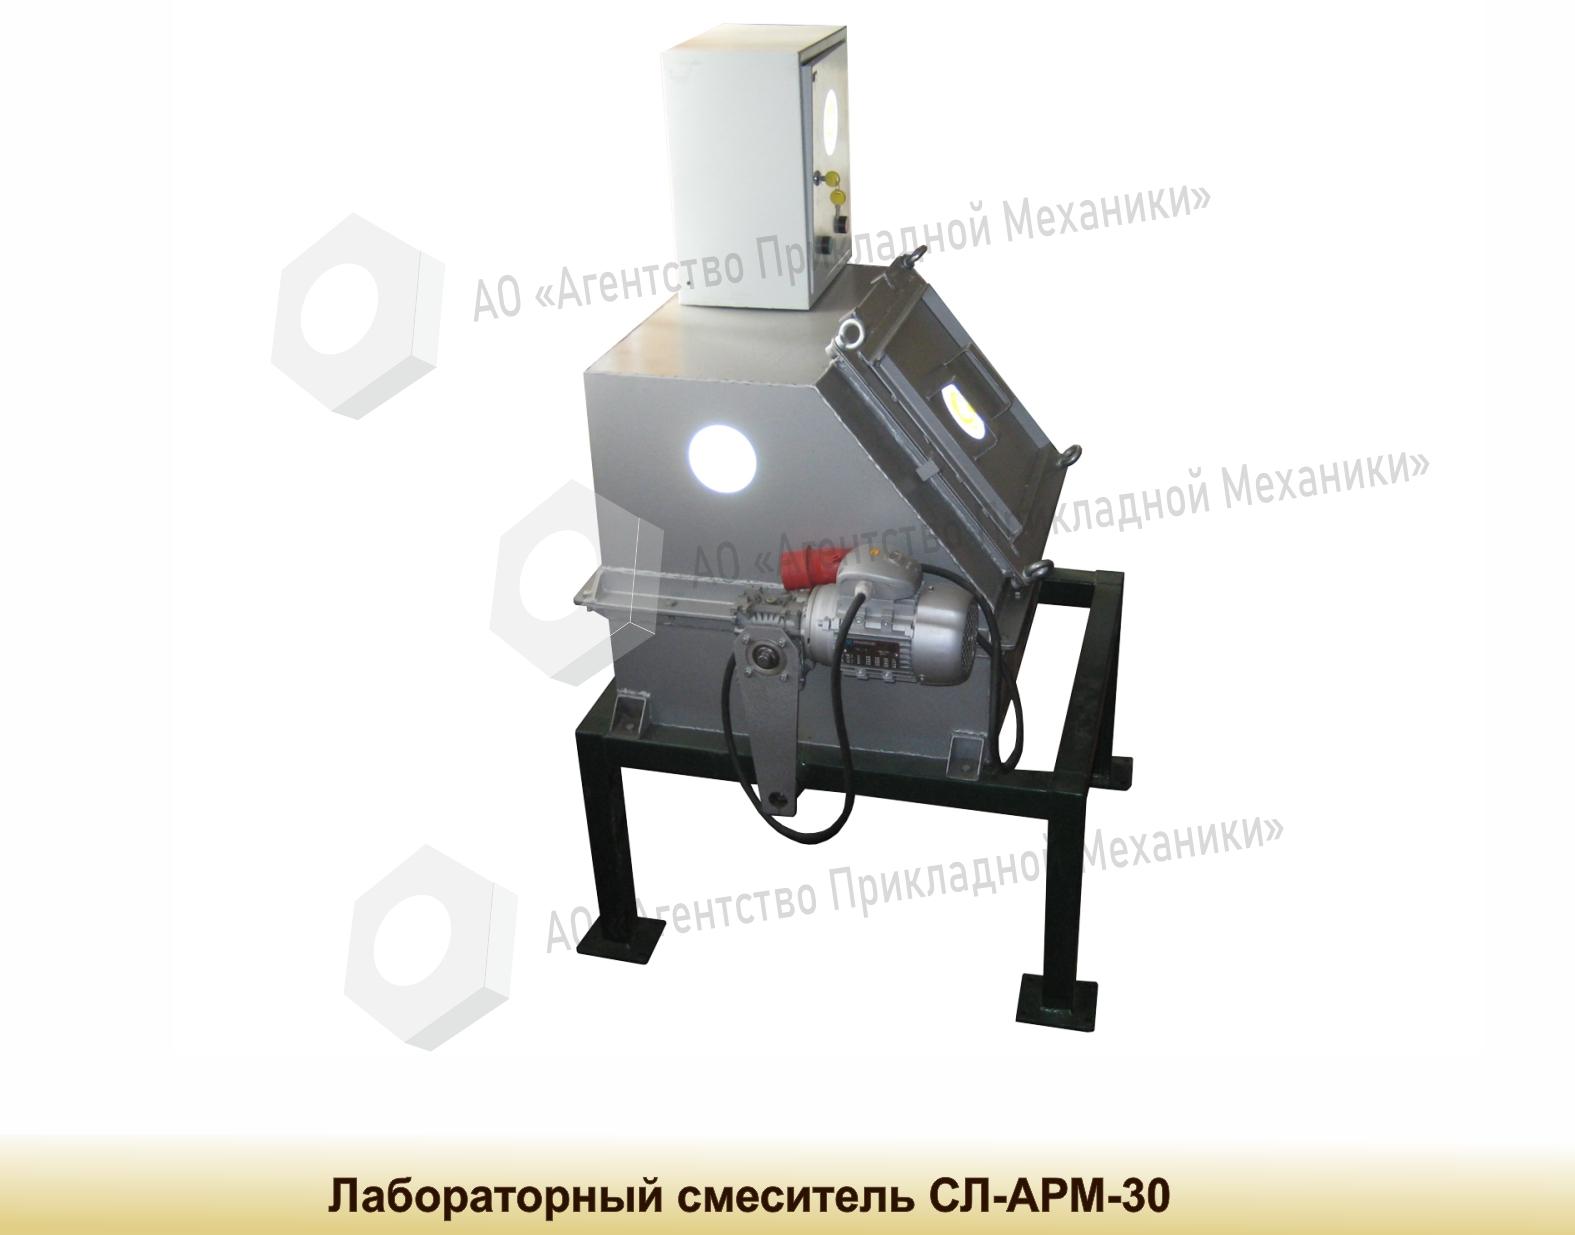 Лабораторный смеситель . СЛ-АПМ-30.